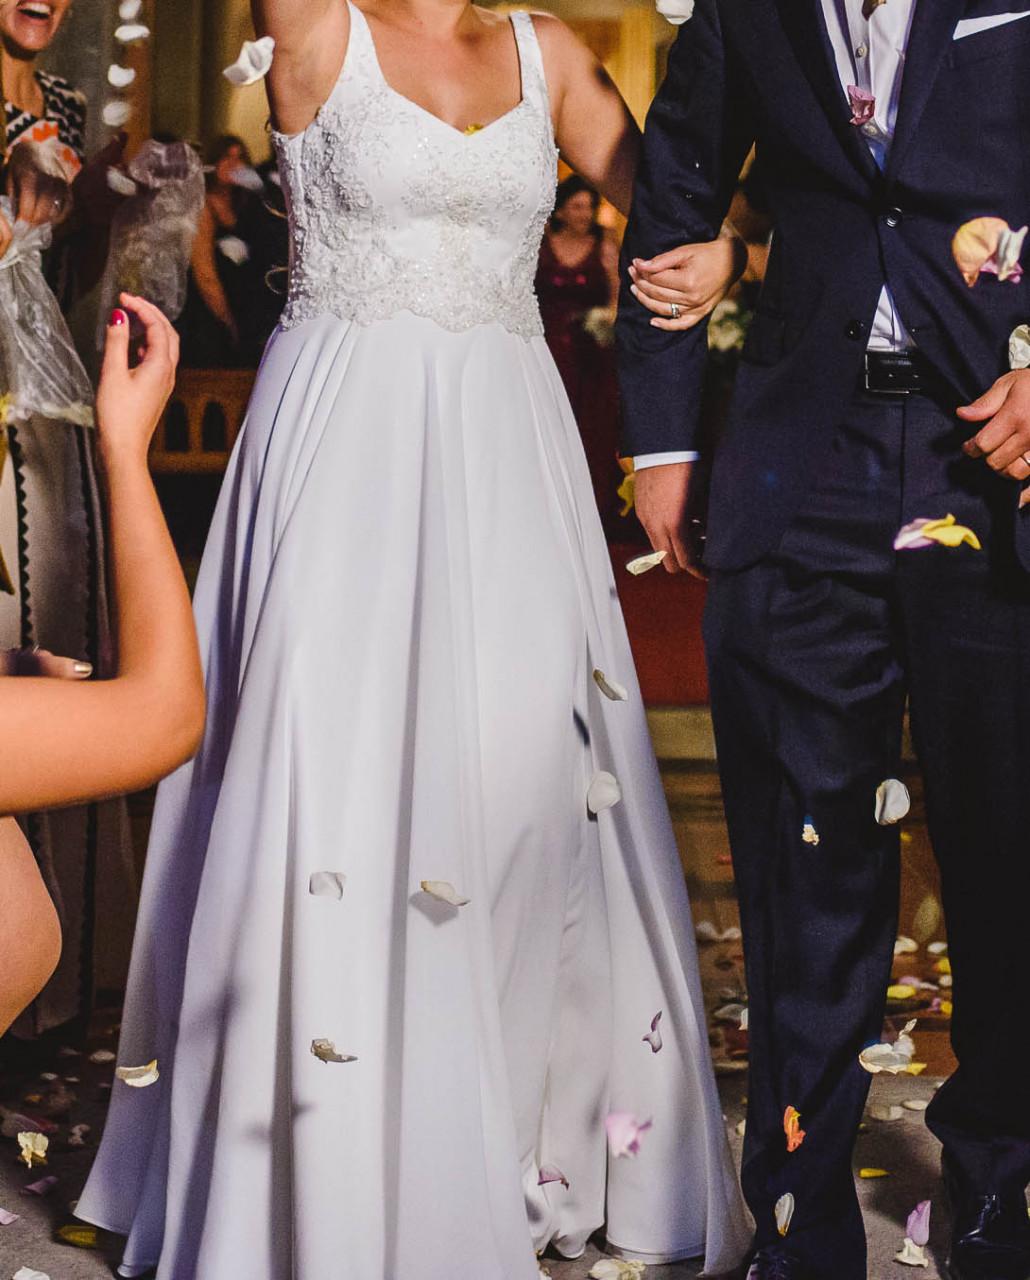 733627c7e Venta de vestidos novia usados de varios modelos en Chile